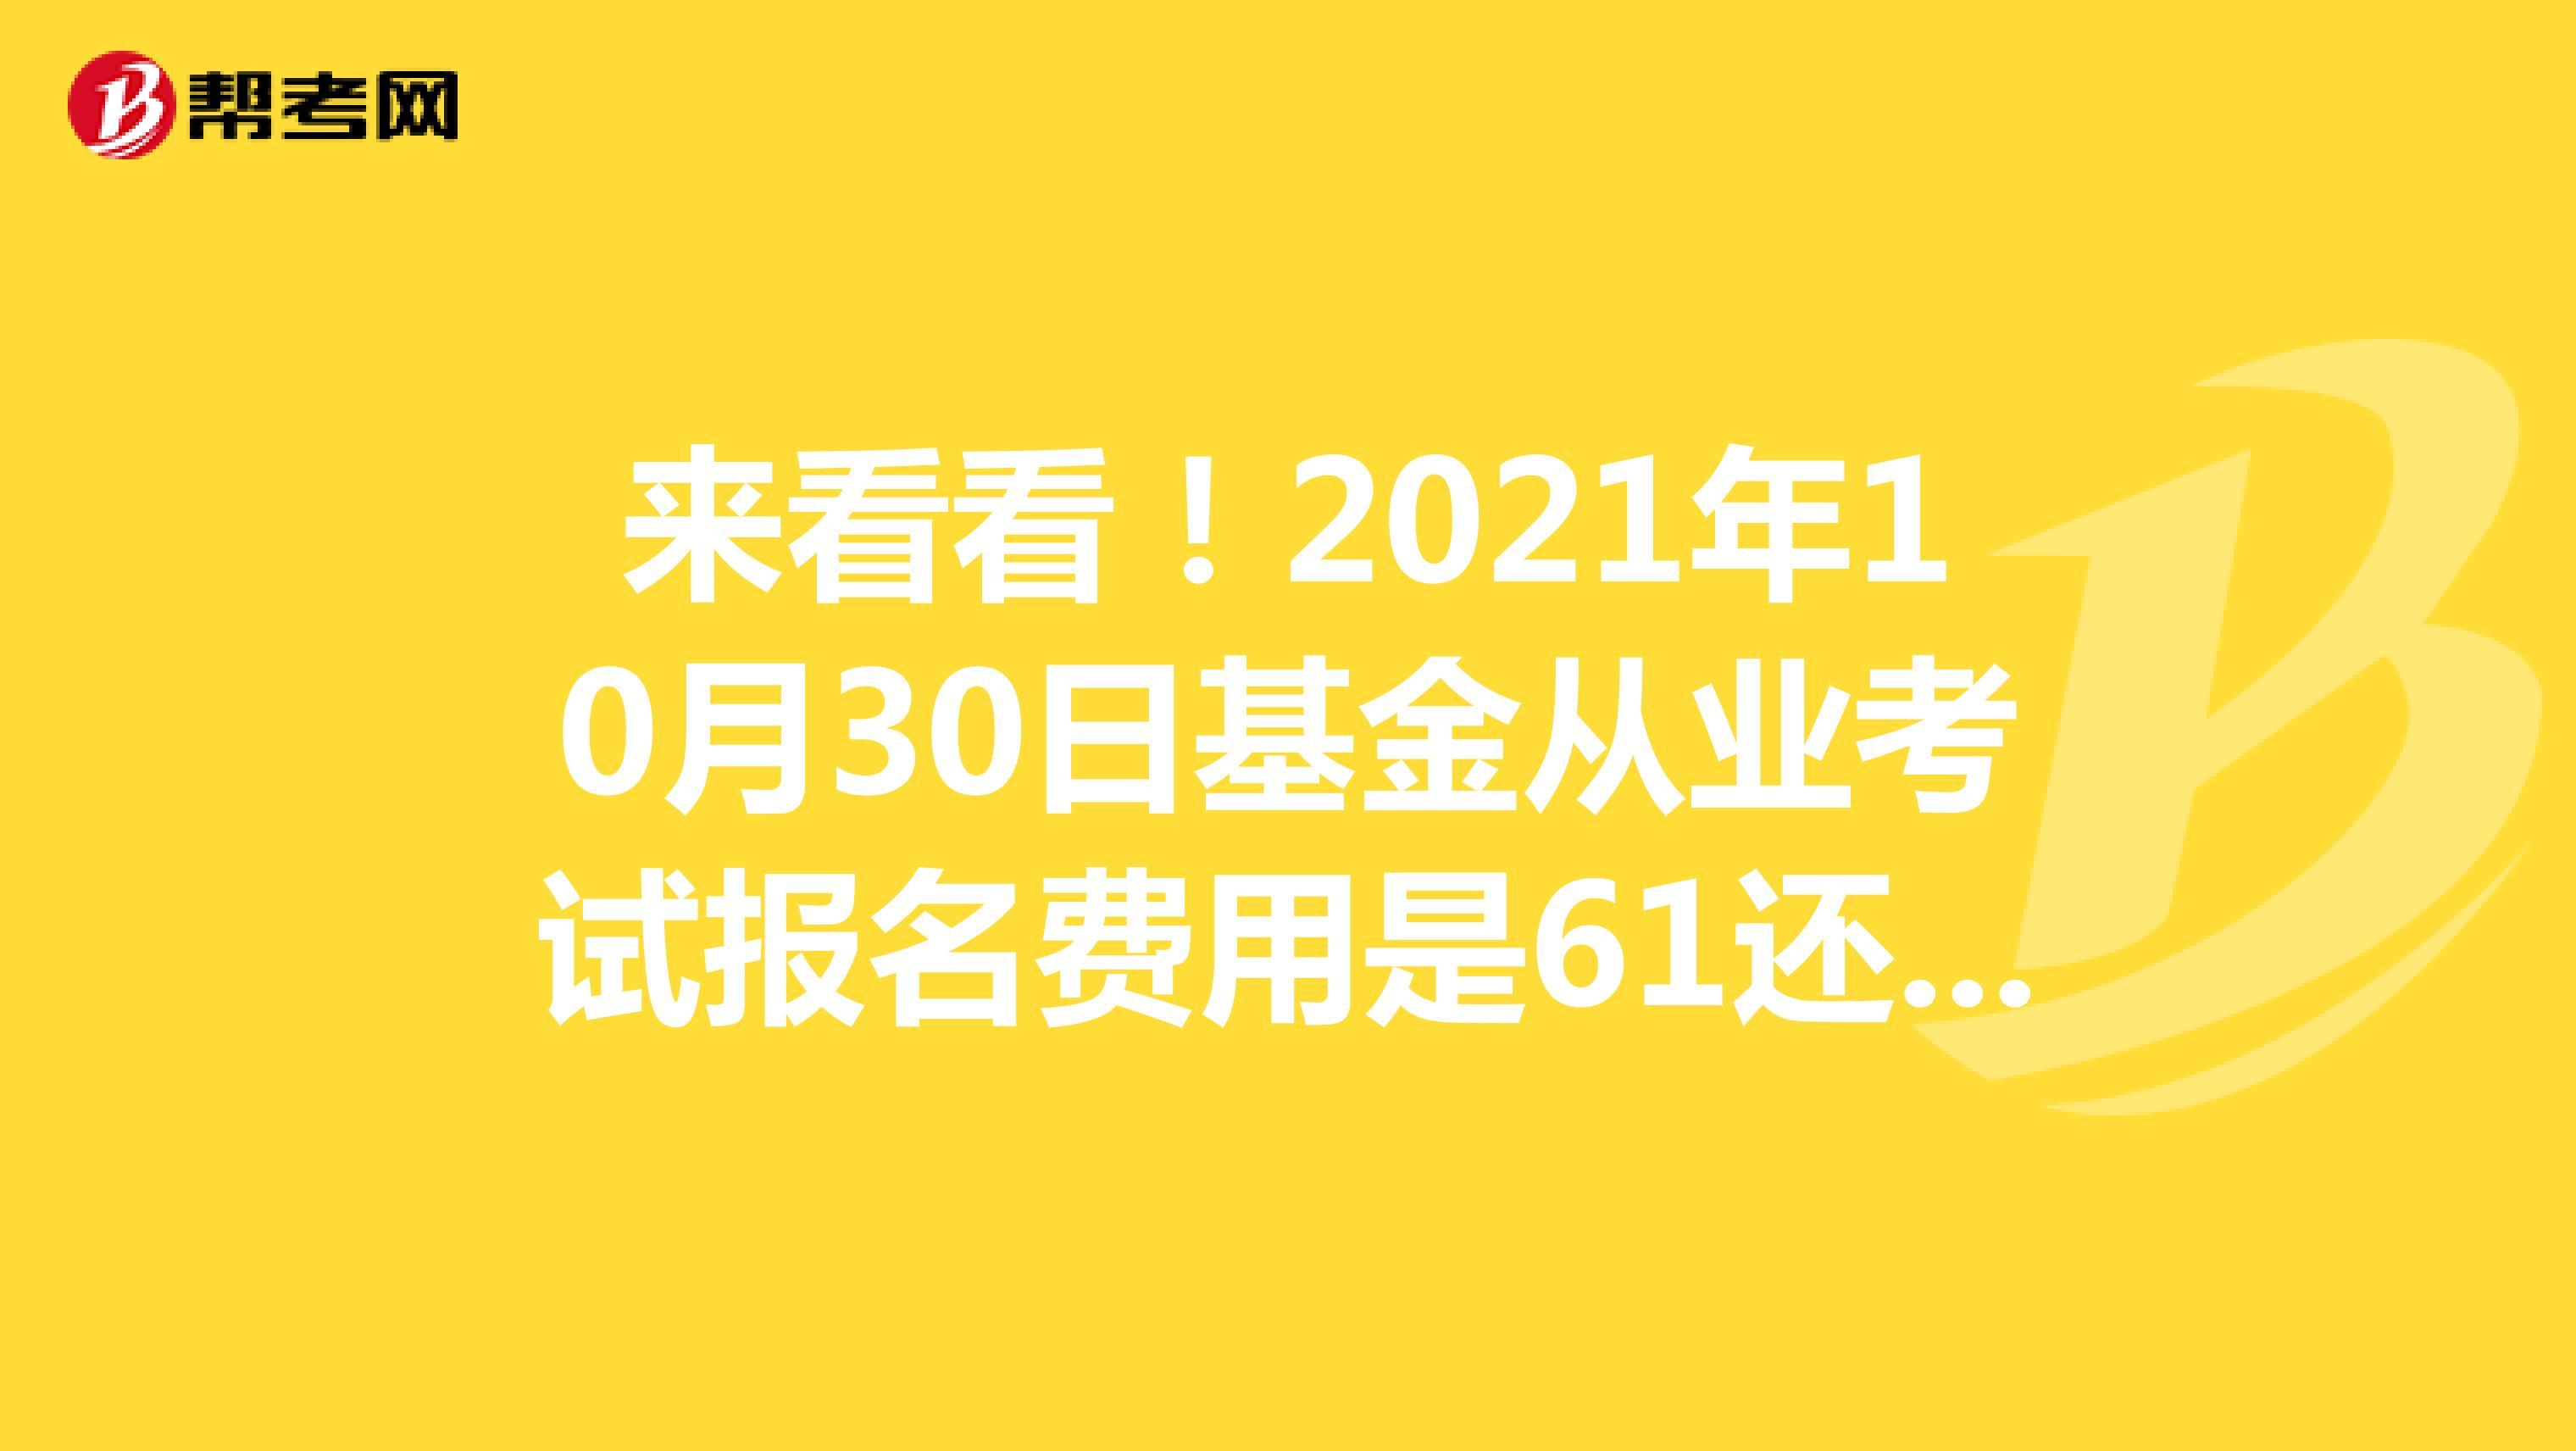 来看看!2021年10月30日基金从业考试报名费用是61还是65元?